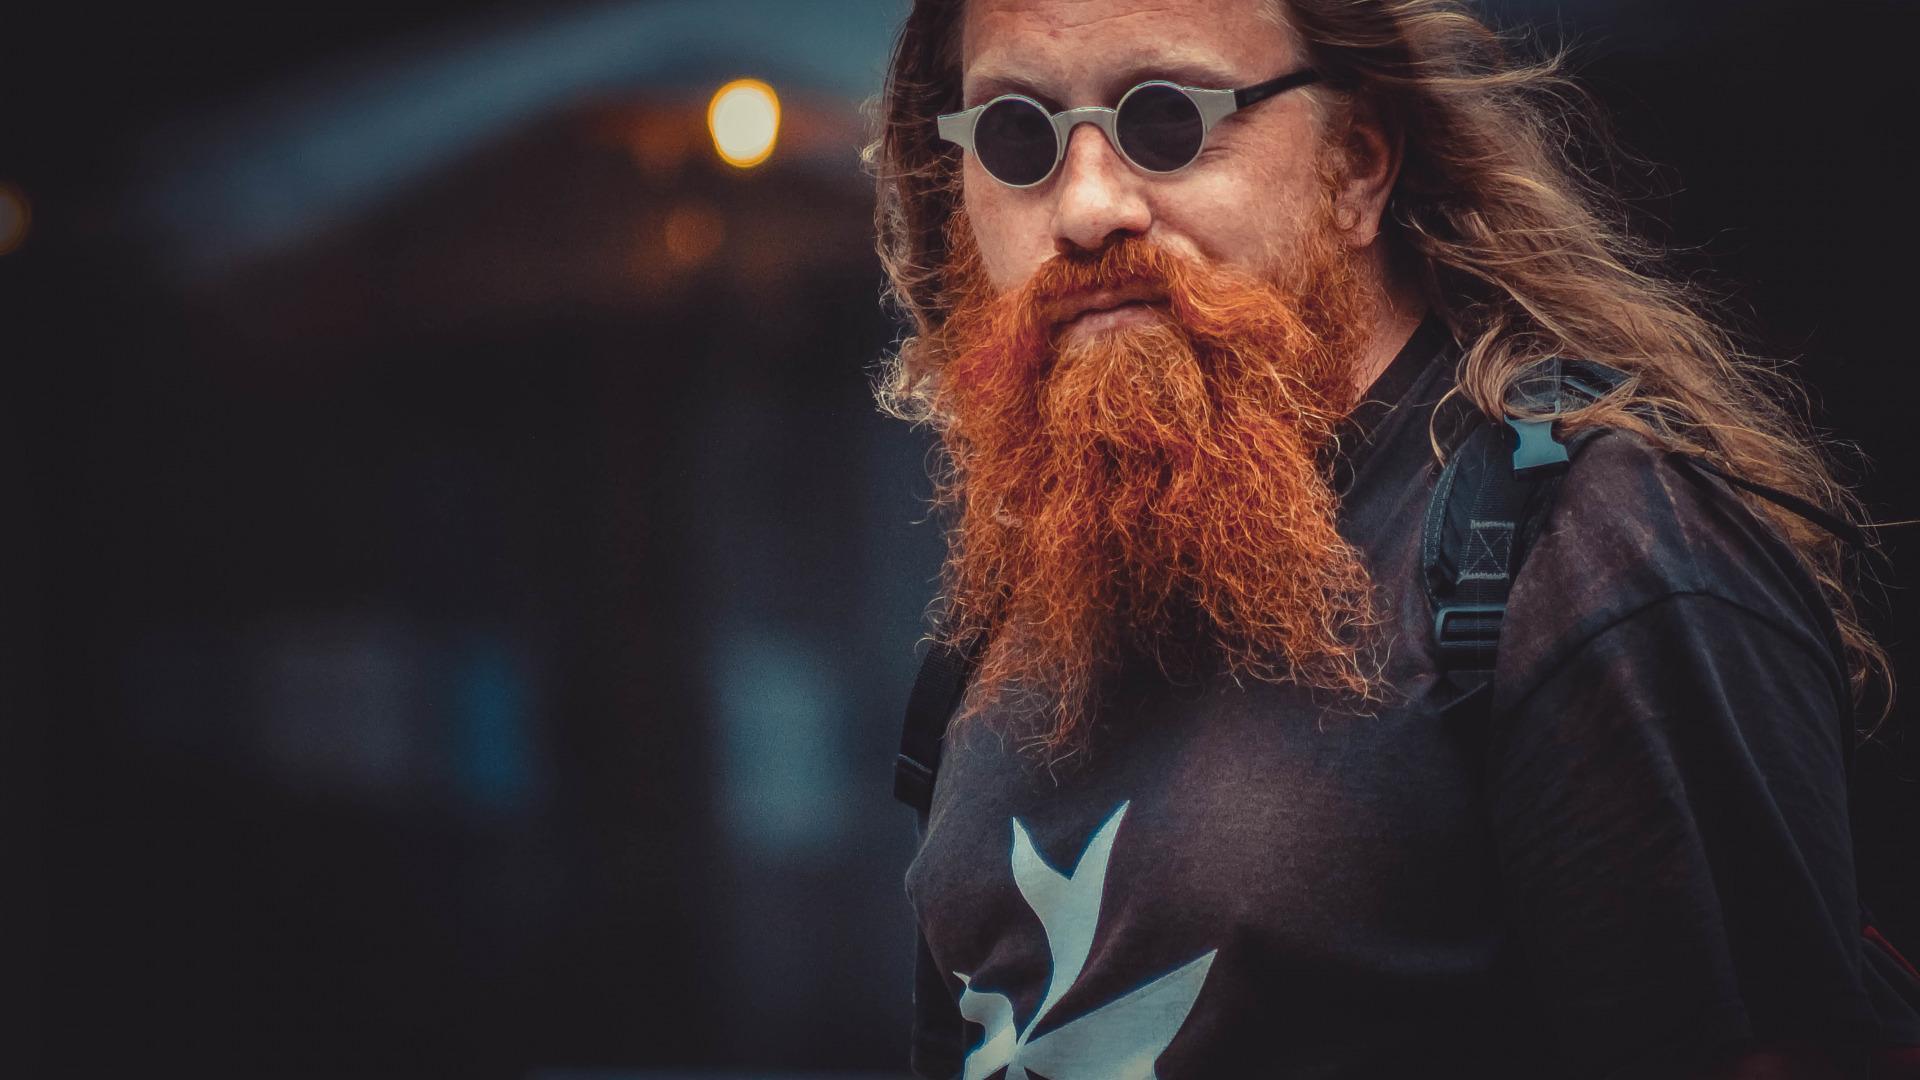 Борода помогла заручиться доверием клиентов